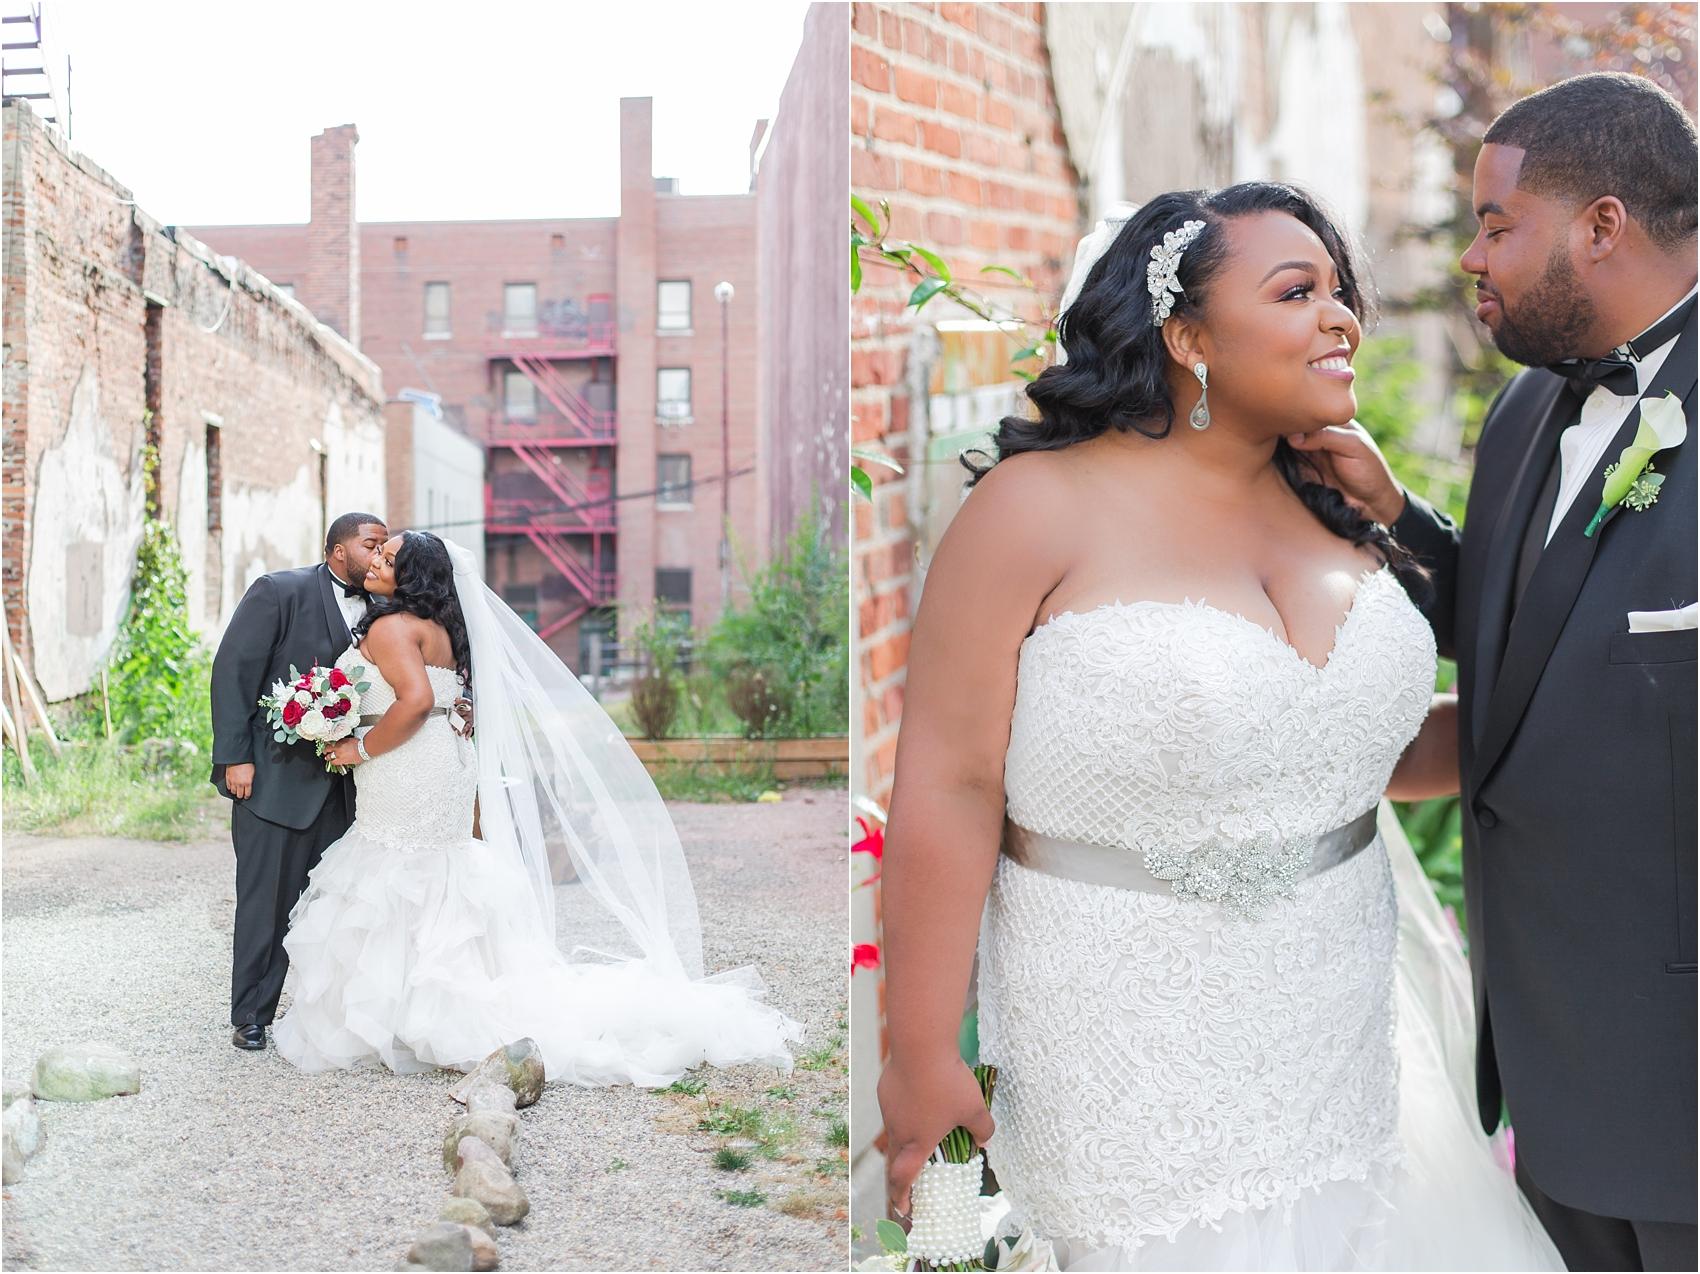 minimalist-and-modern-wedding-photos-at-30-north-saginaw-in-pontiac-michigan-by-courtney-carolyn-photography_0053.jpg